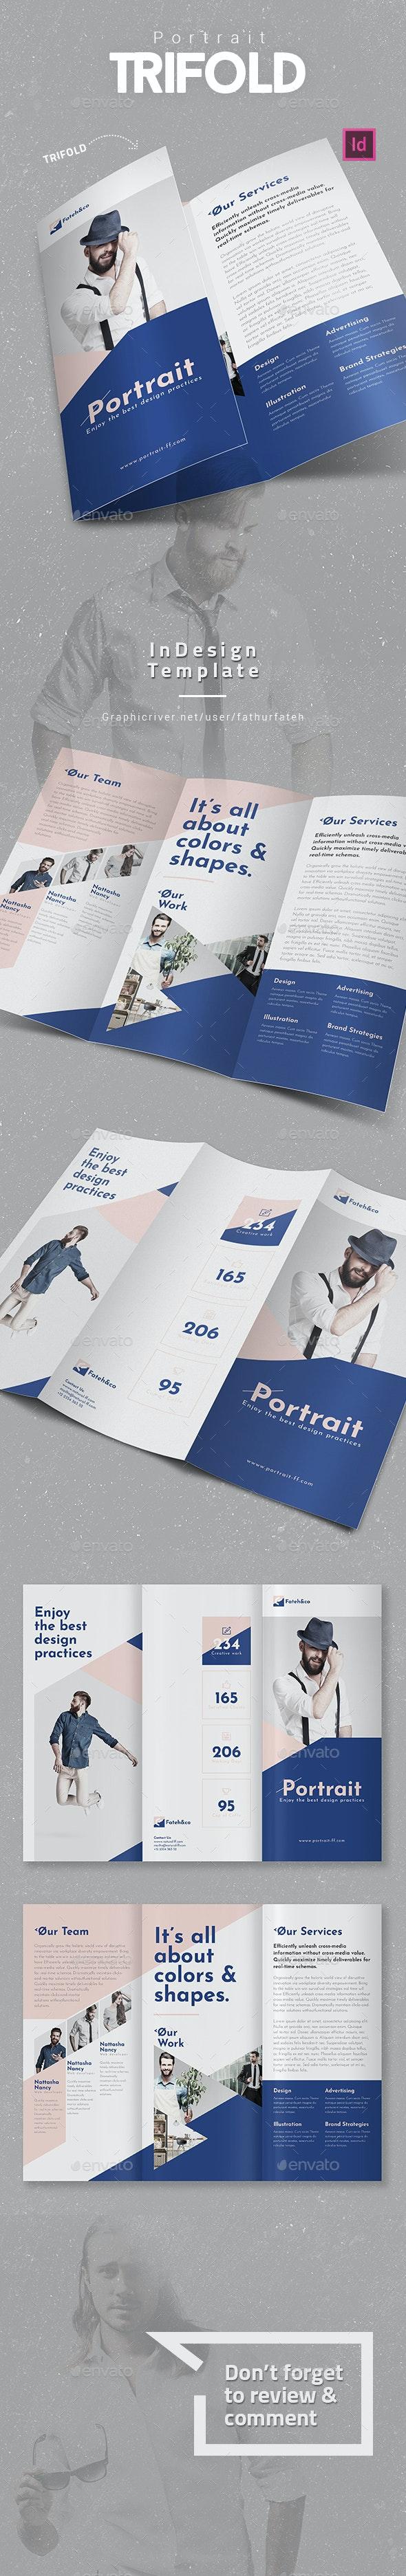 Portrait Trifold - Corporate Brochures